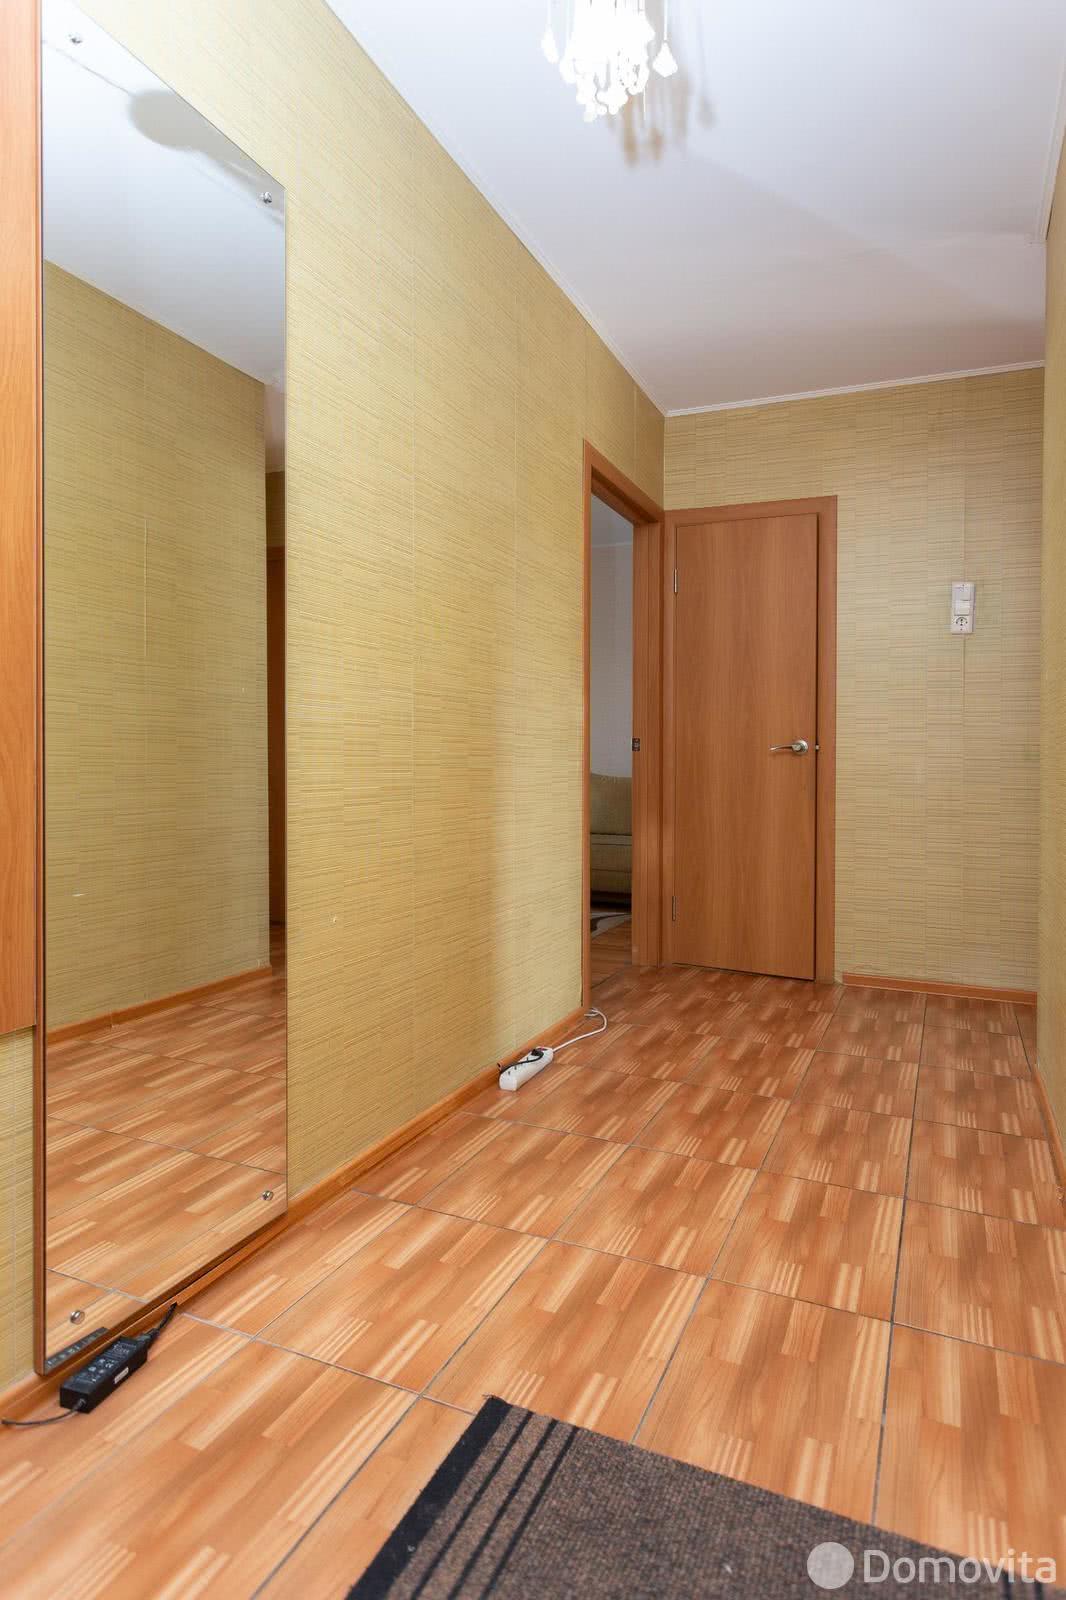 Аренда 1-комнатной квартиры на сутки в Минске ул. Германовская, д. 17 - фото 6